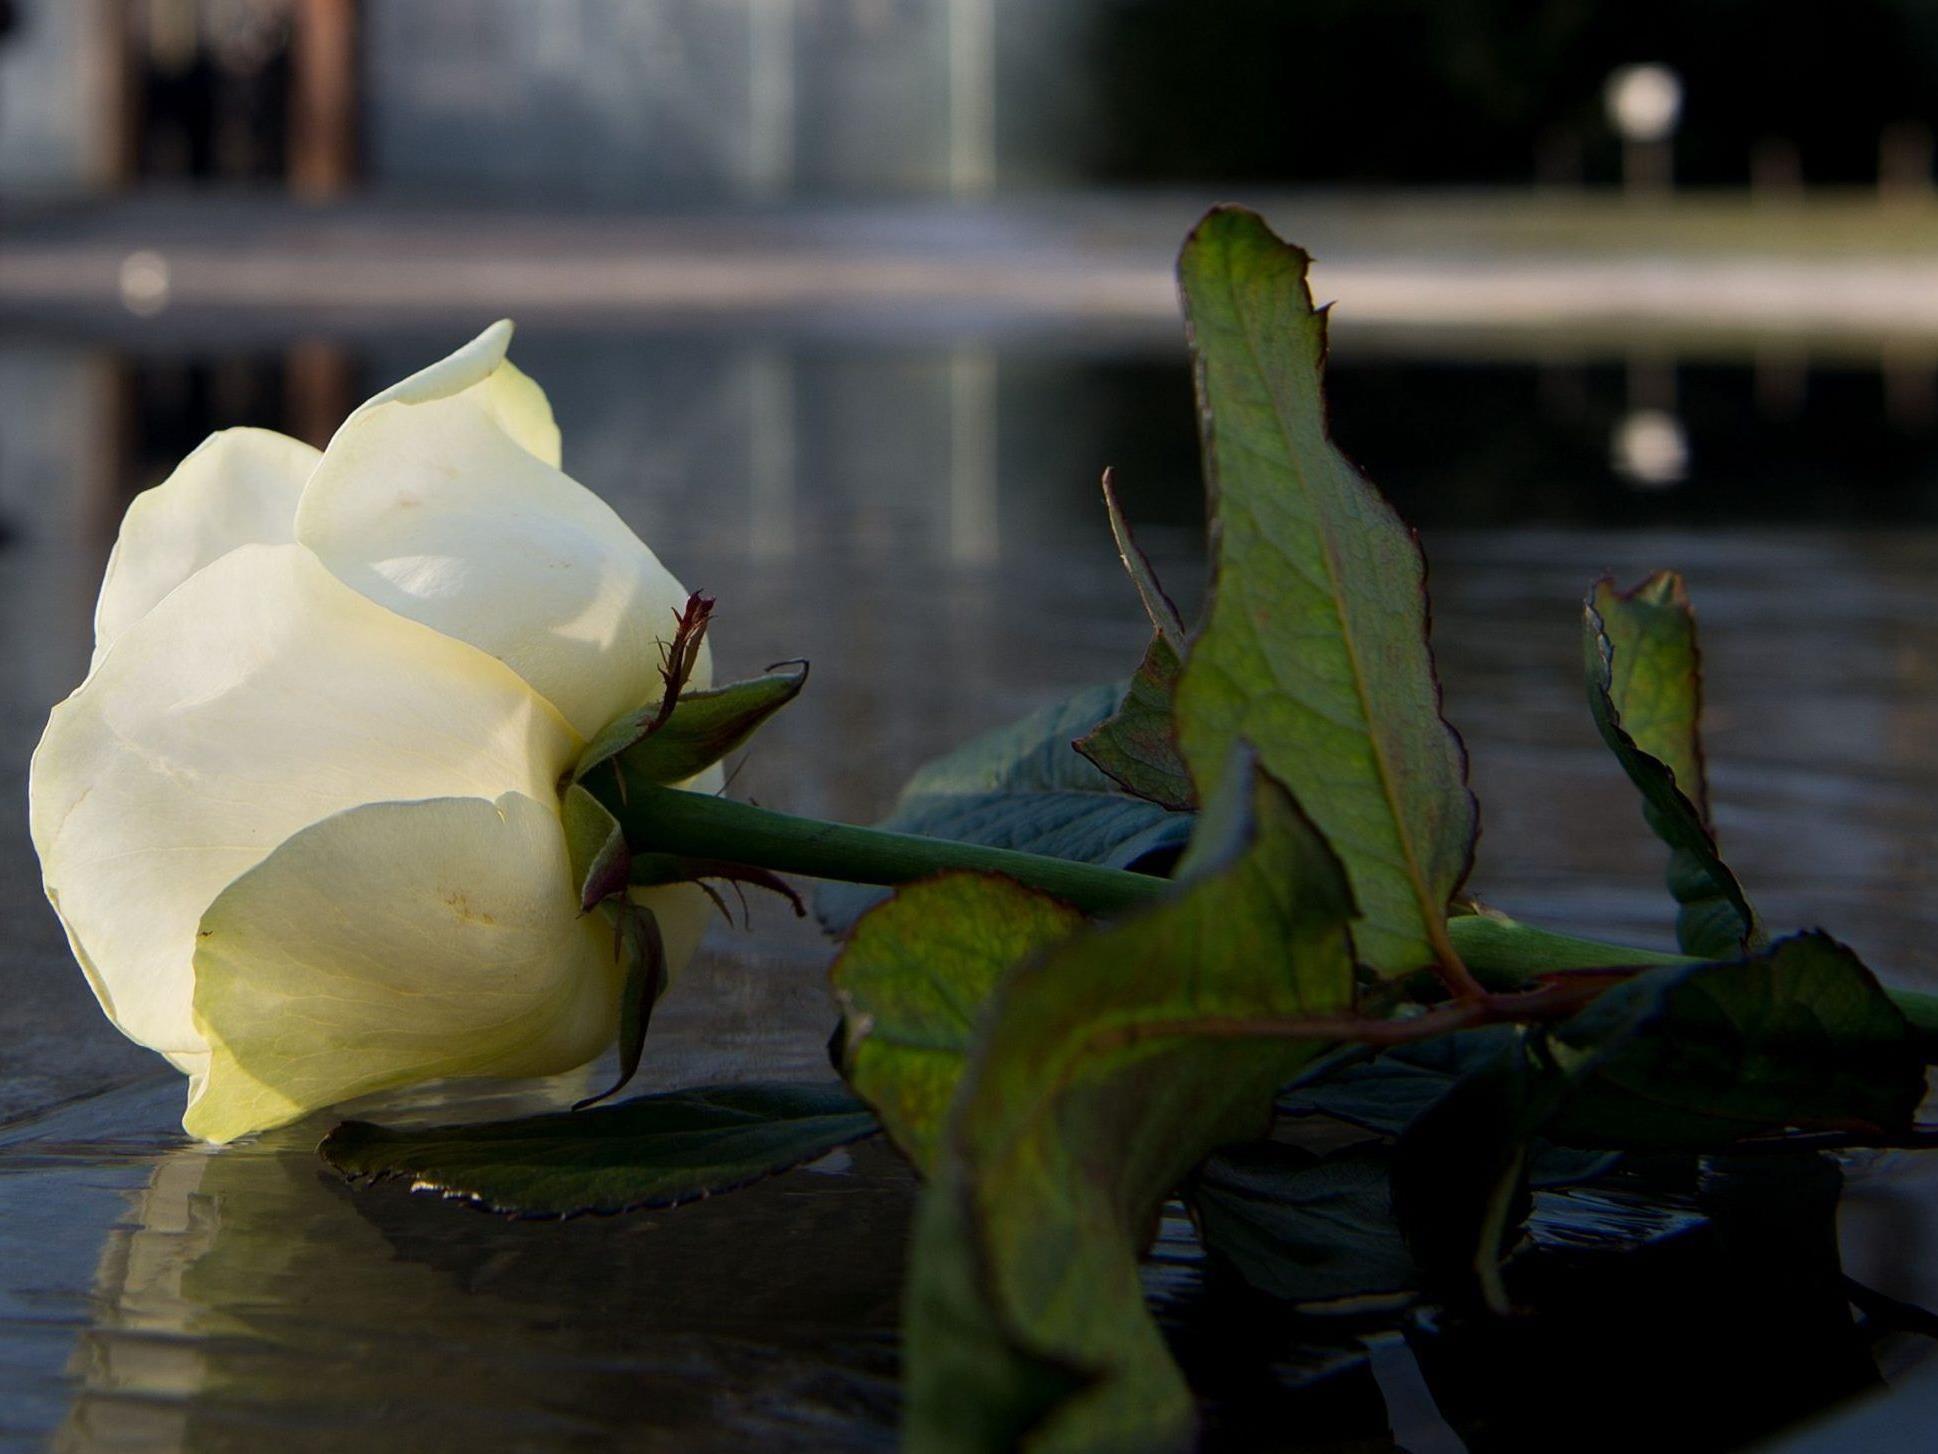 Am 27. Jänner ist der Holocaust-Gedenktag